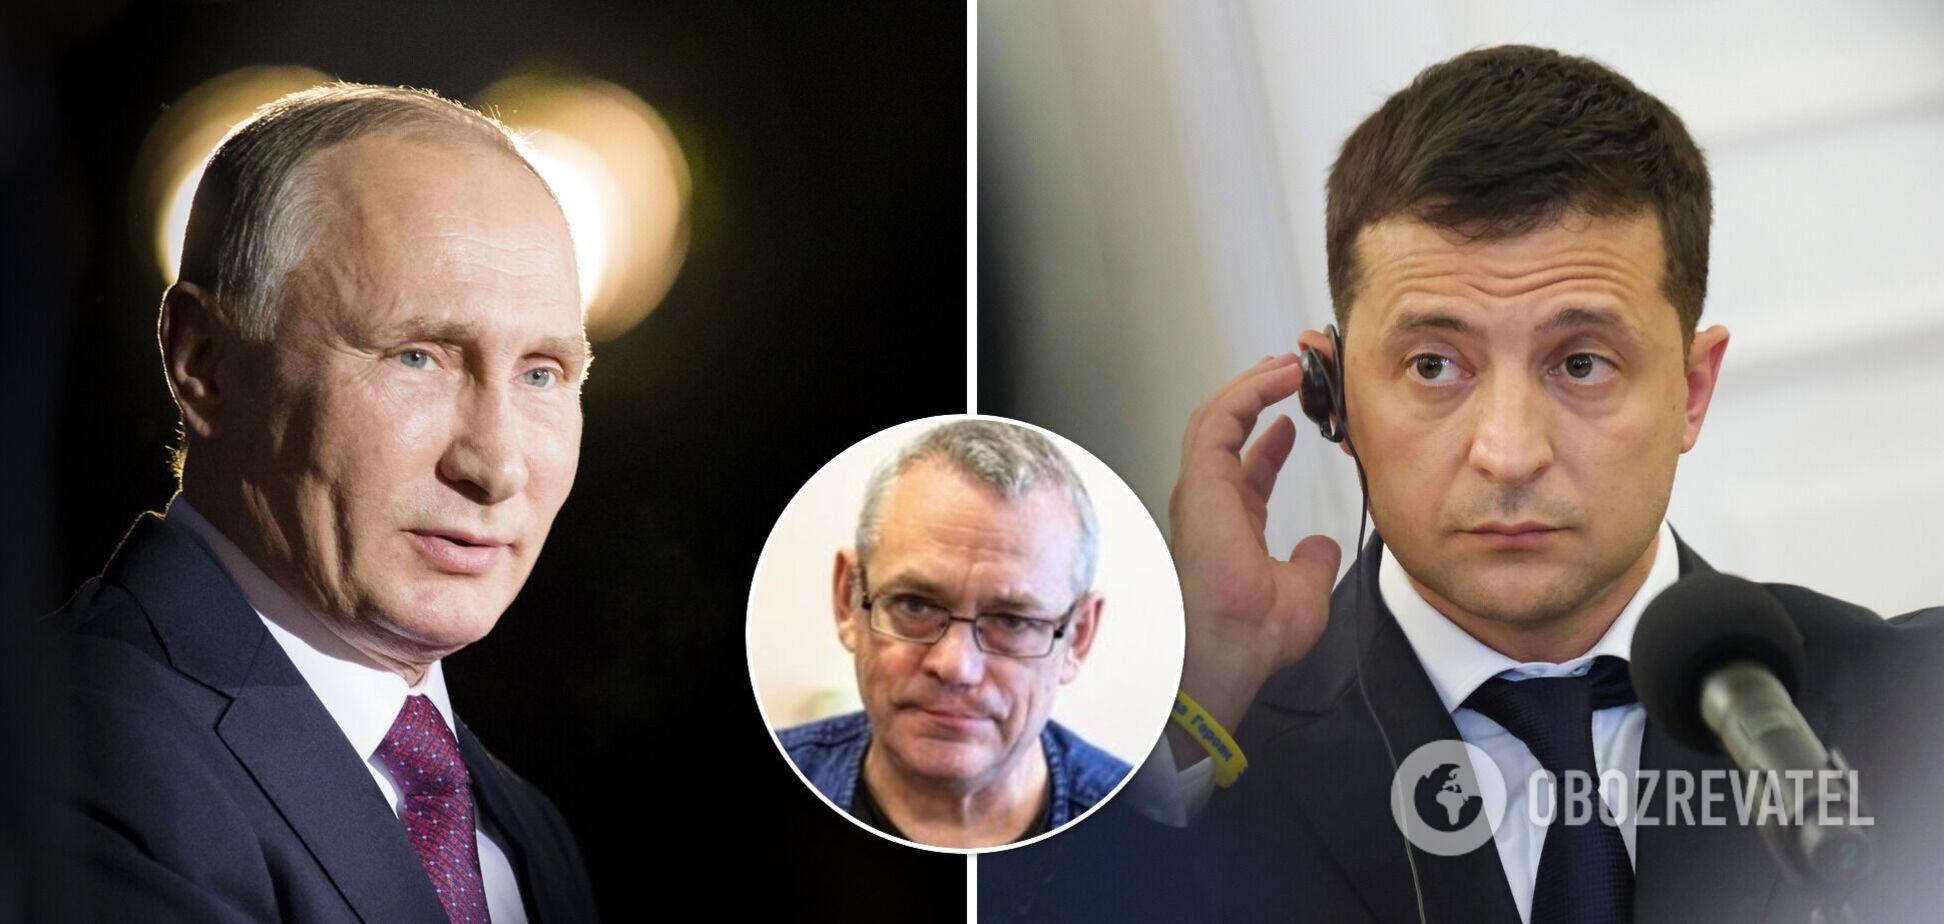 Яковенко уверен, что Зеленскому нет смысла говорить с Путиным о мире в Украине